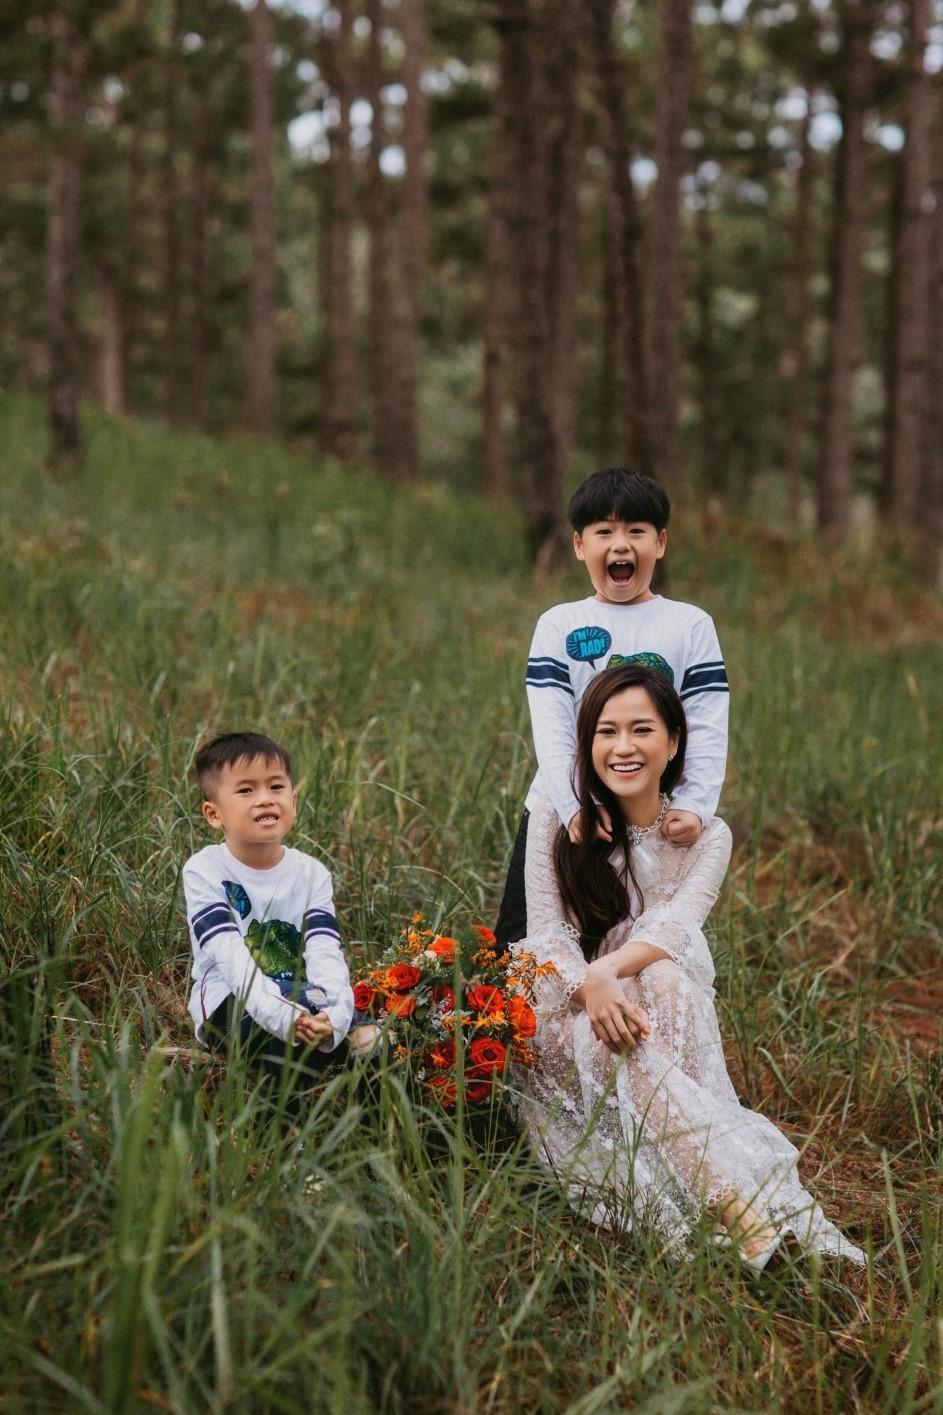 Lâm Vỹ Dạ cùng hai con trai Bánh Mì - Xá Xị. Cô thường áp dụng cách dạy con theo tinh thần ngại gì thử thách để phát triển cả thể chất lẫn tinh thần. Ảnh: Nhân vật cung cấp.